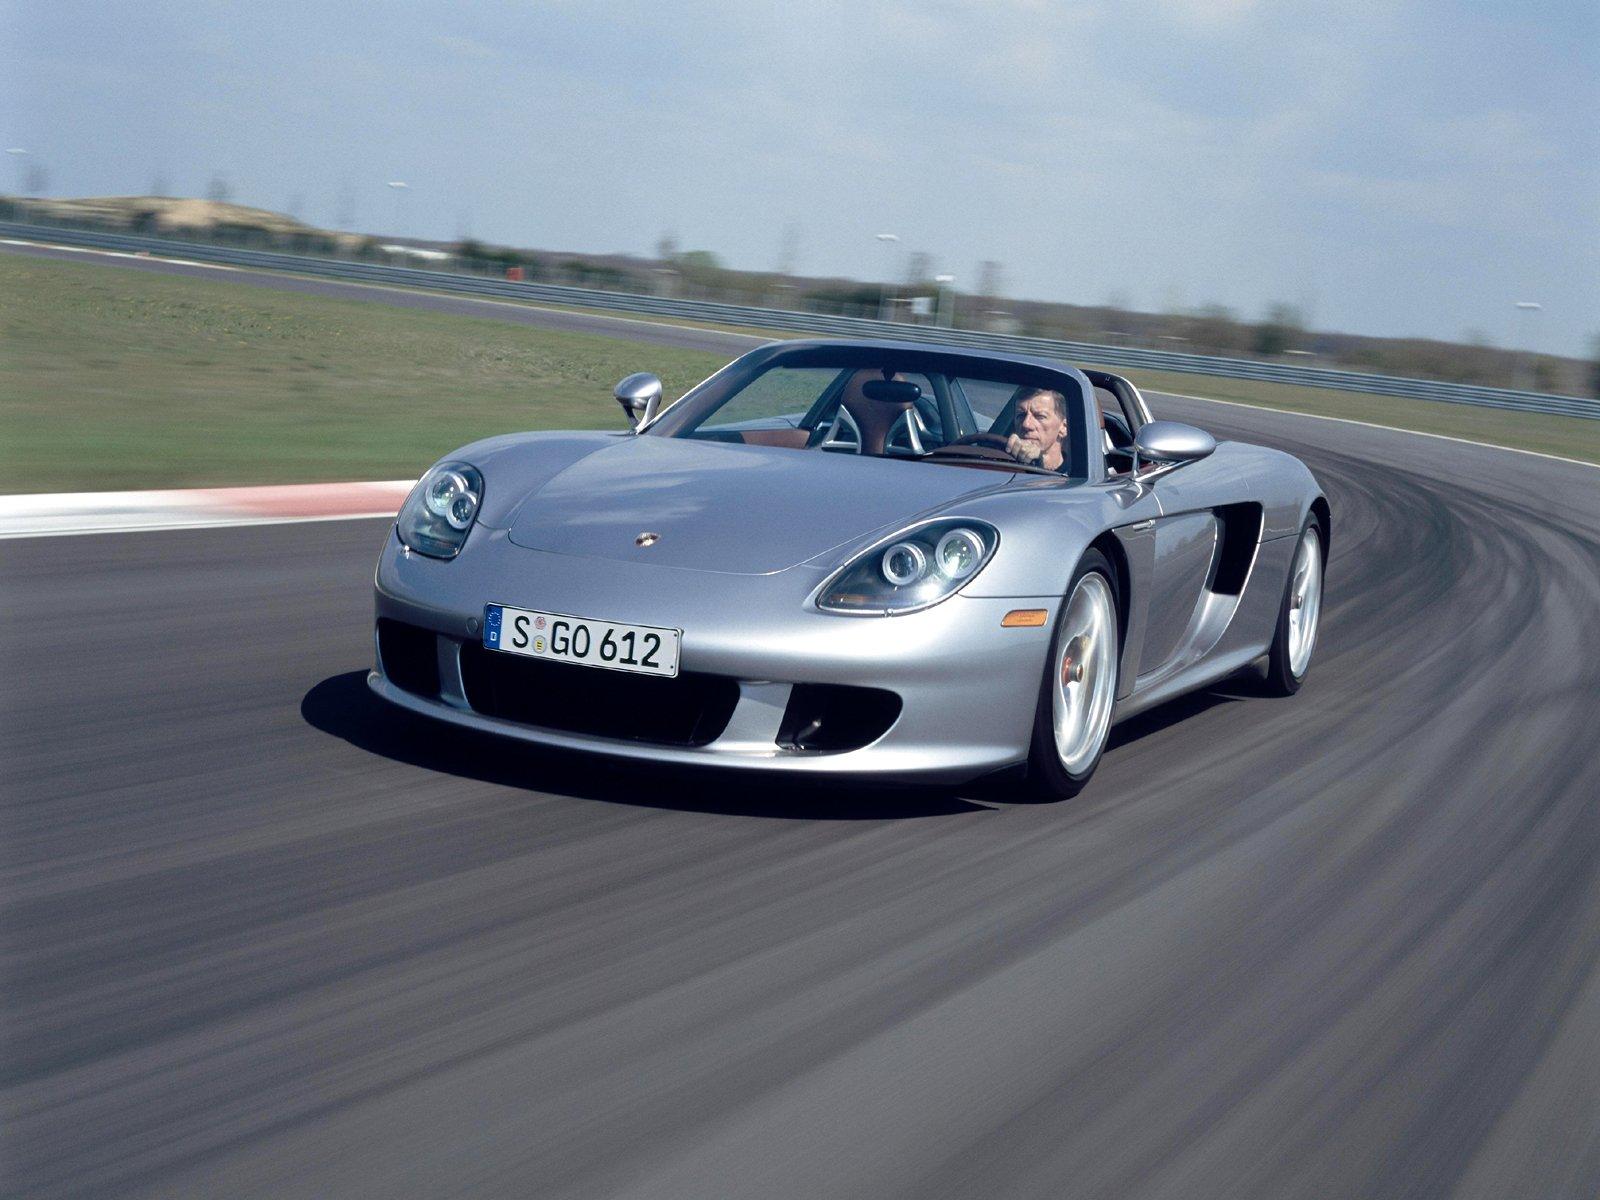 porsche-carrera-gt_cartestimony Inspiring Bugatti Veyron Vs Lamborghini Gallardo Cars Trend